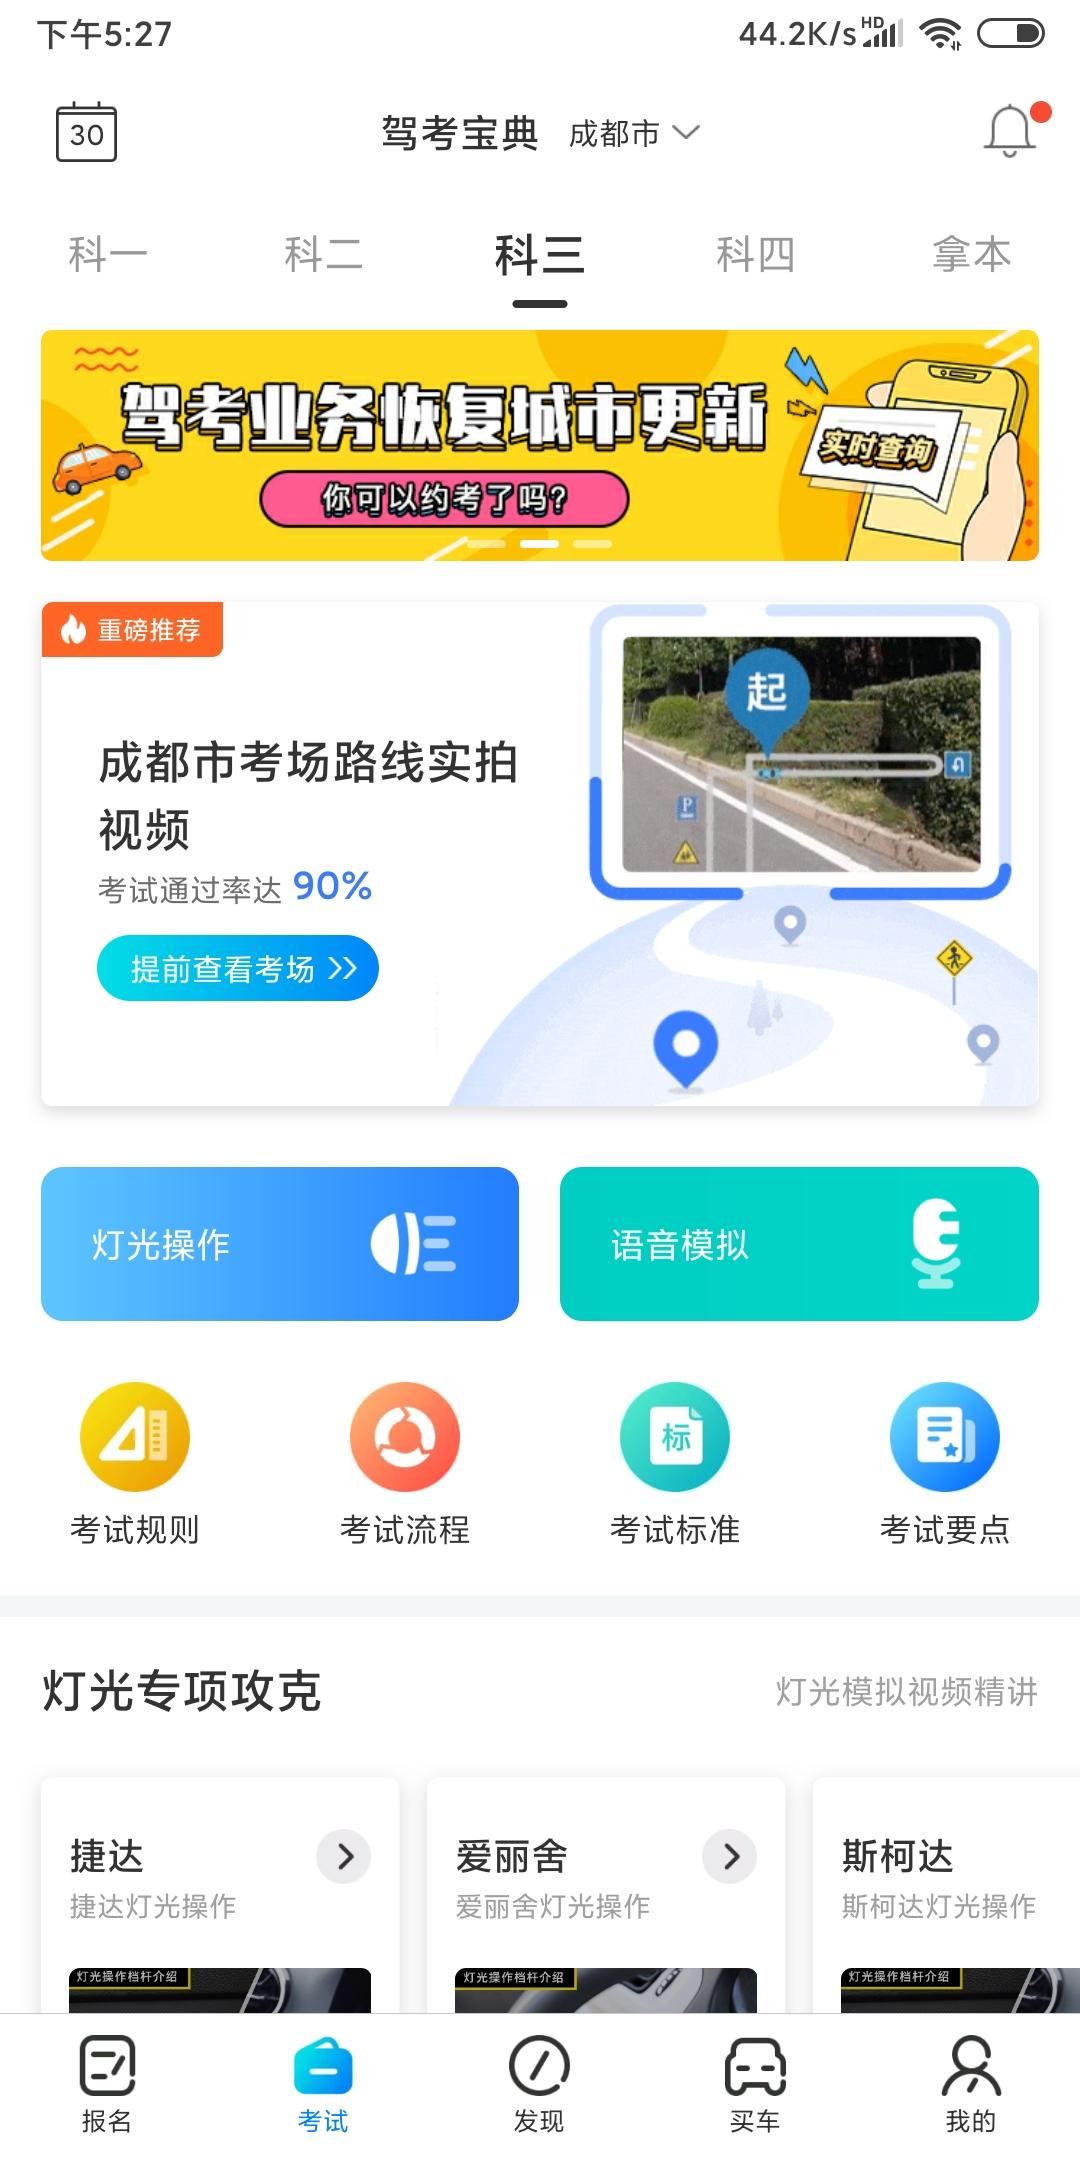 Screenshot_2020-04-30-17-27-06-729_com.handsgo.ji.jpg